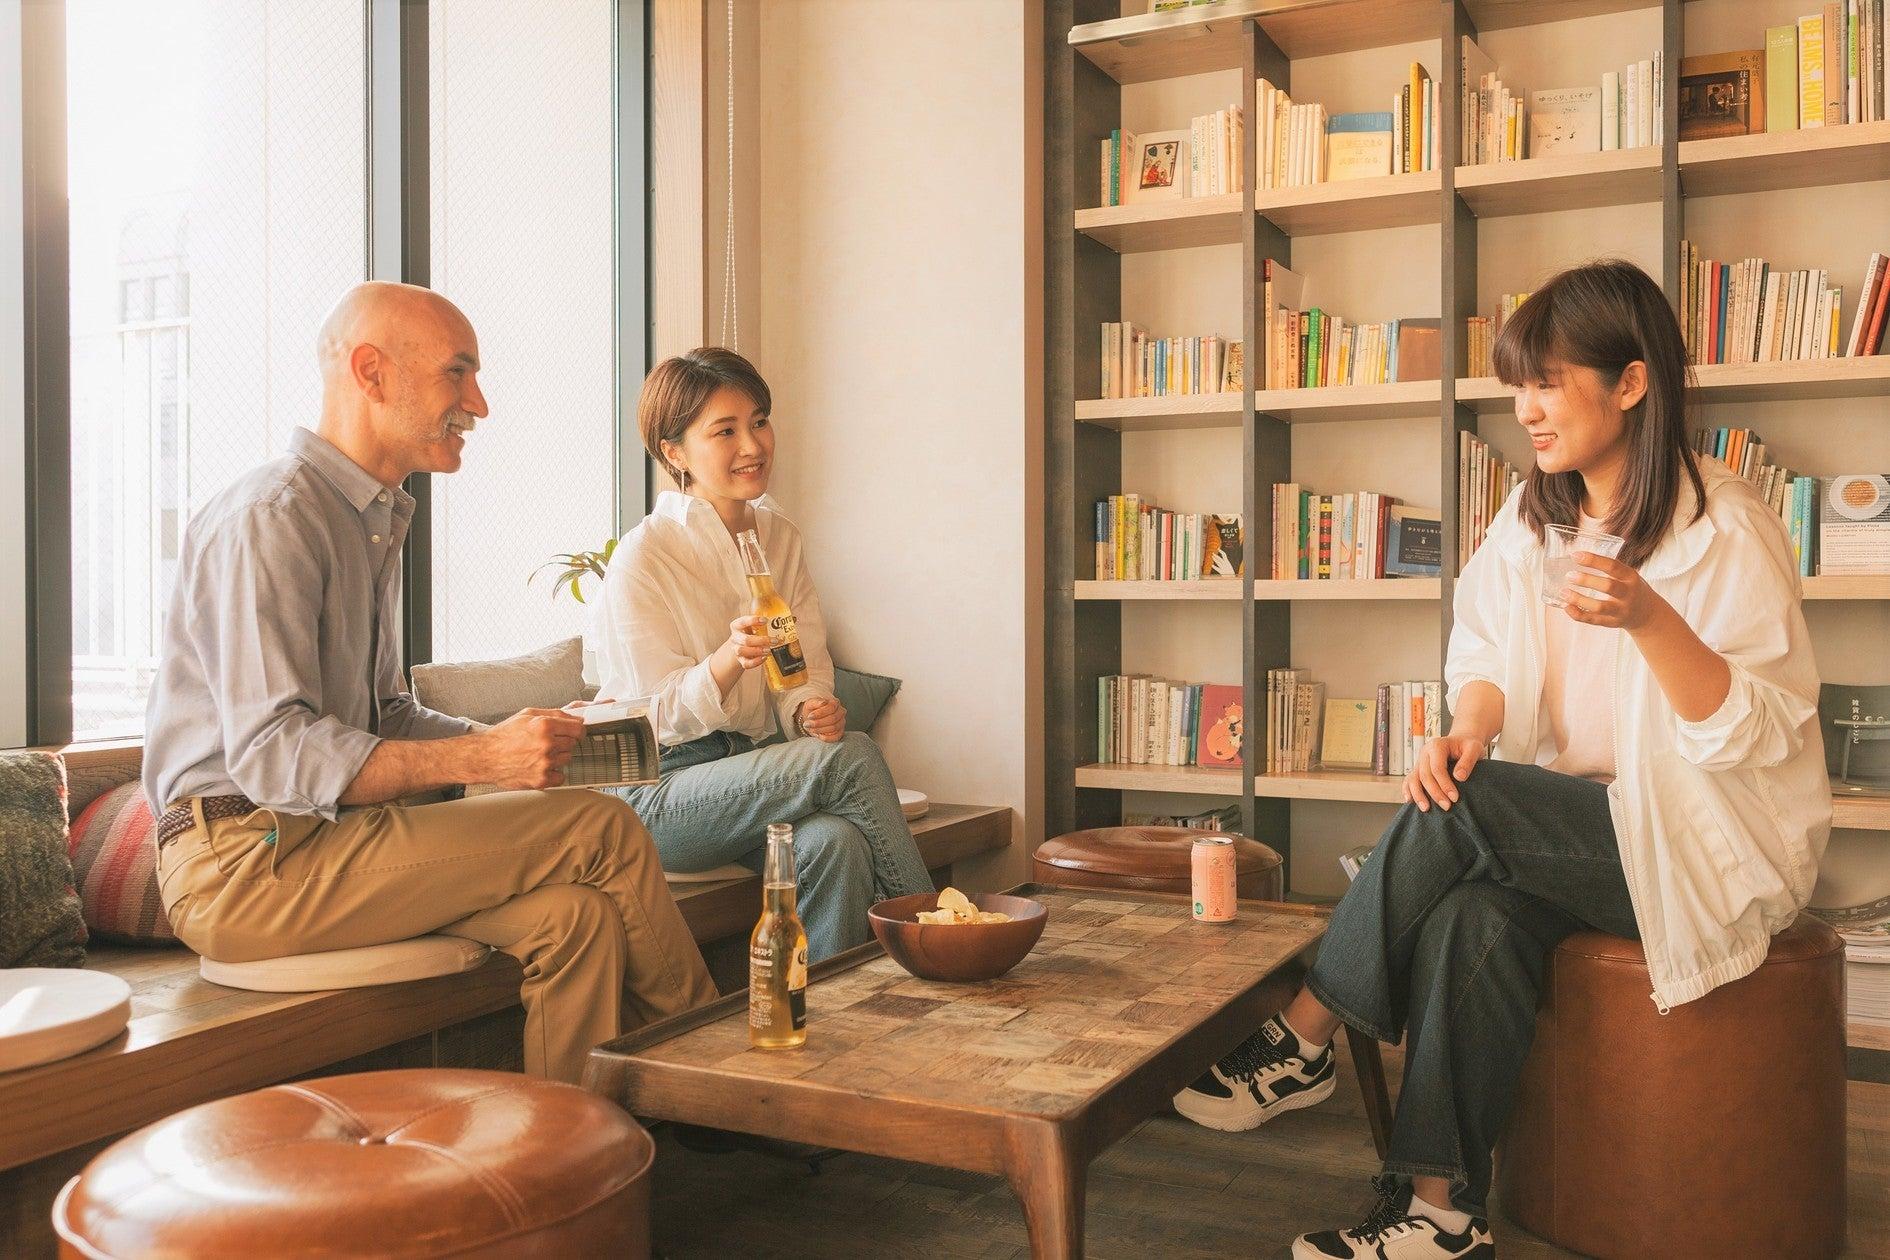 【 パーティ―/イベント/撮影/教室/会議 】WeBase 博多 ホステル Books&Lounge のサムネイル